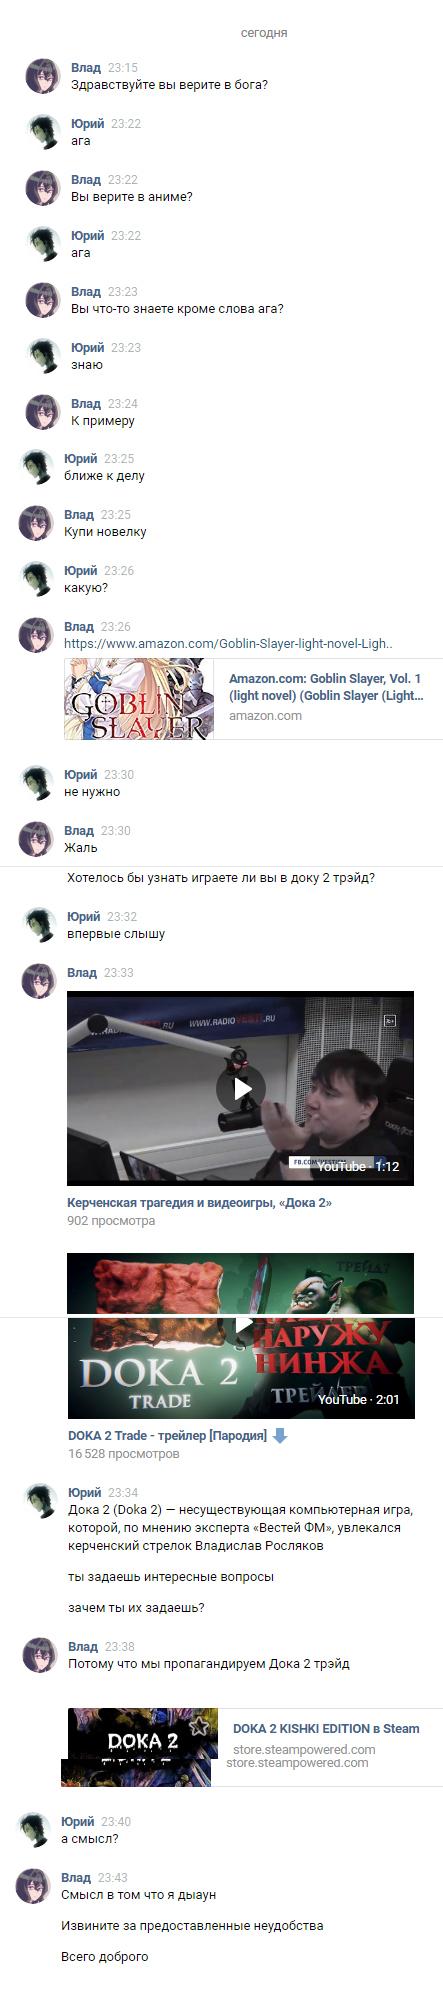 Что это было? Аниме, Длиннопост, Скриншот, Doka 2, Юмор, ВКонтакте, Переписка, Спам